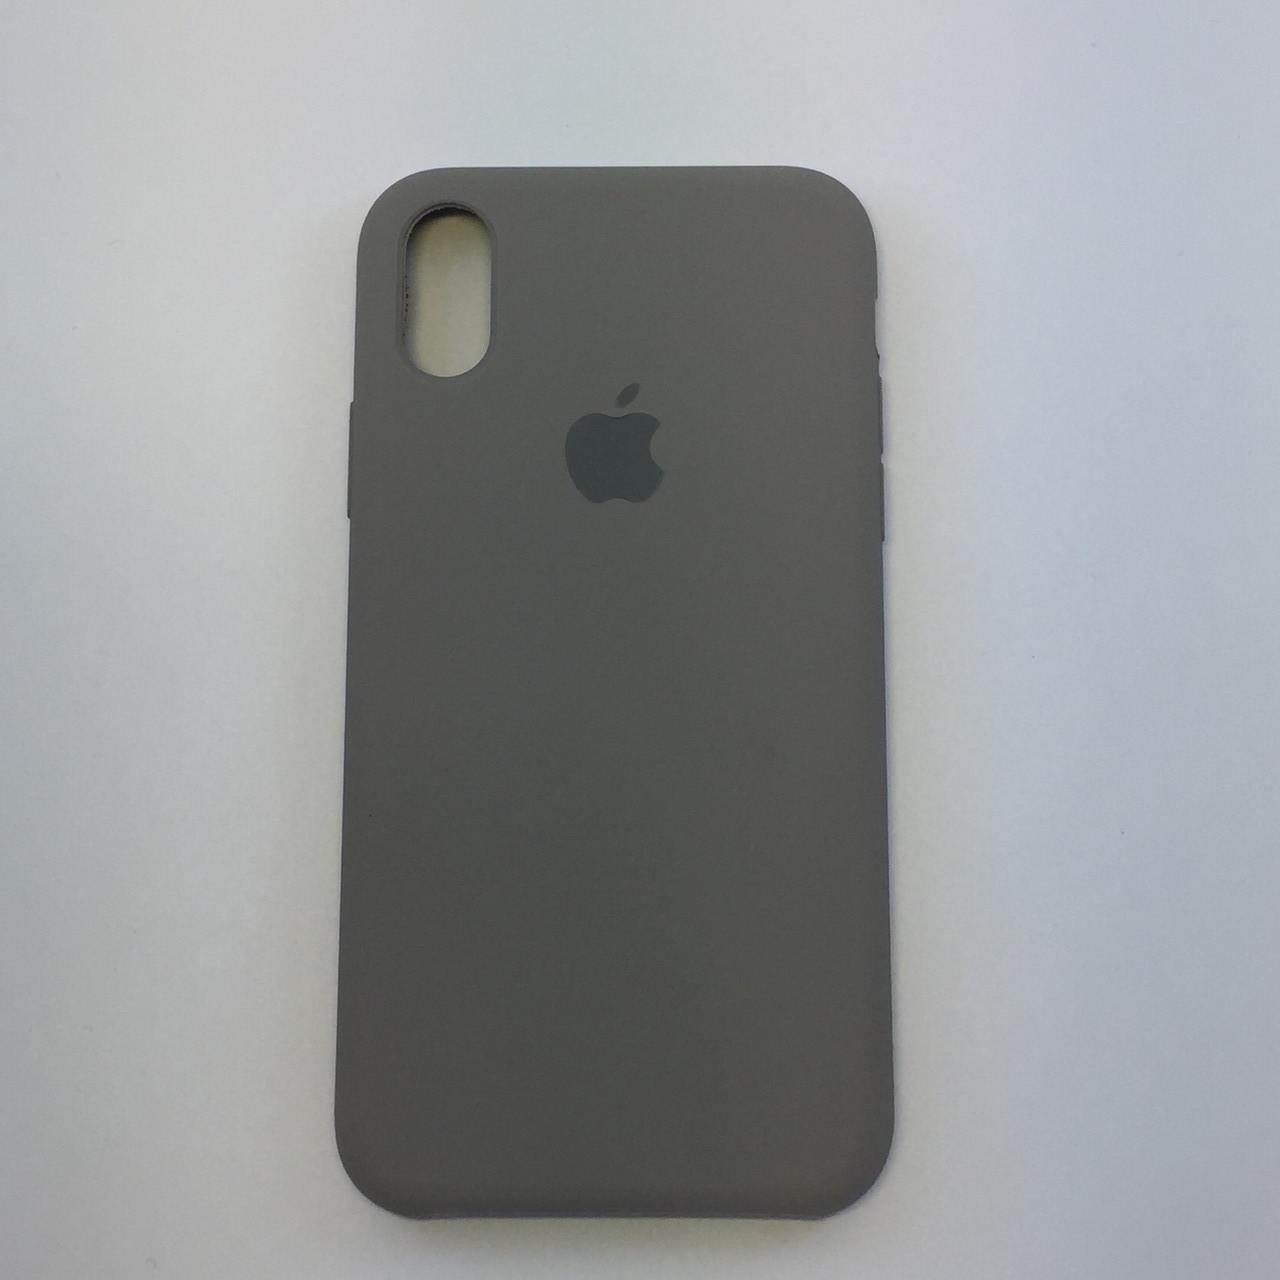 Силиконовый чехол для iPhone X, - «темная олива» - copy original